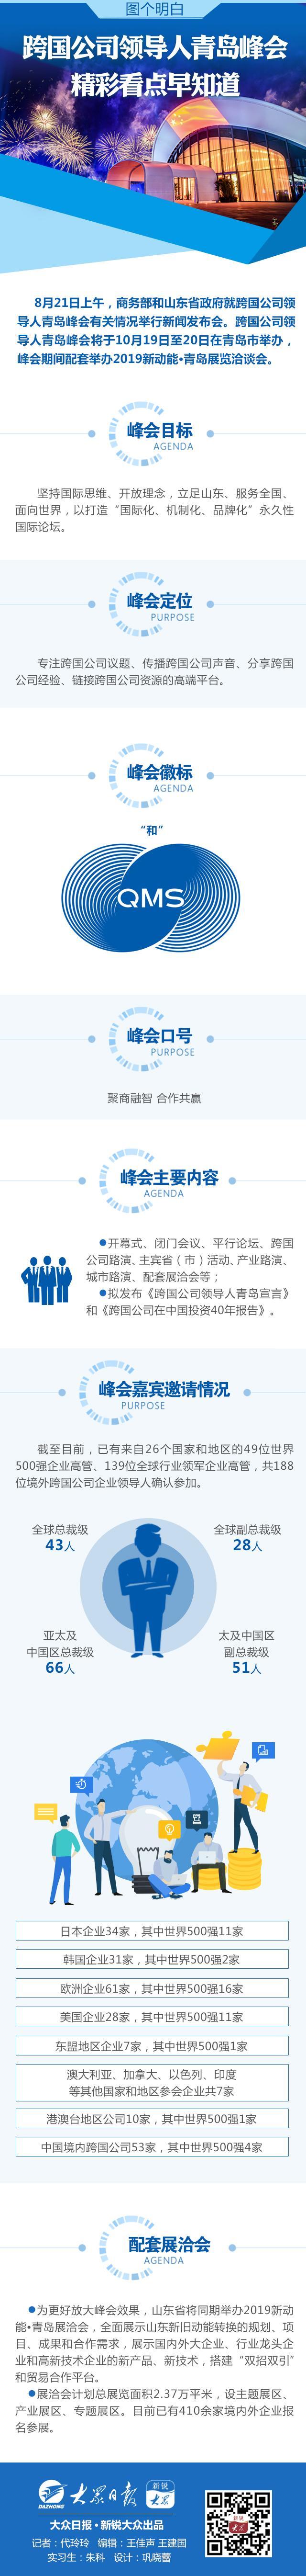 图个明白丨跨国公司领导人青岛峰会精彩看点早知道